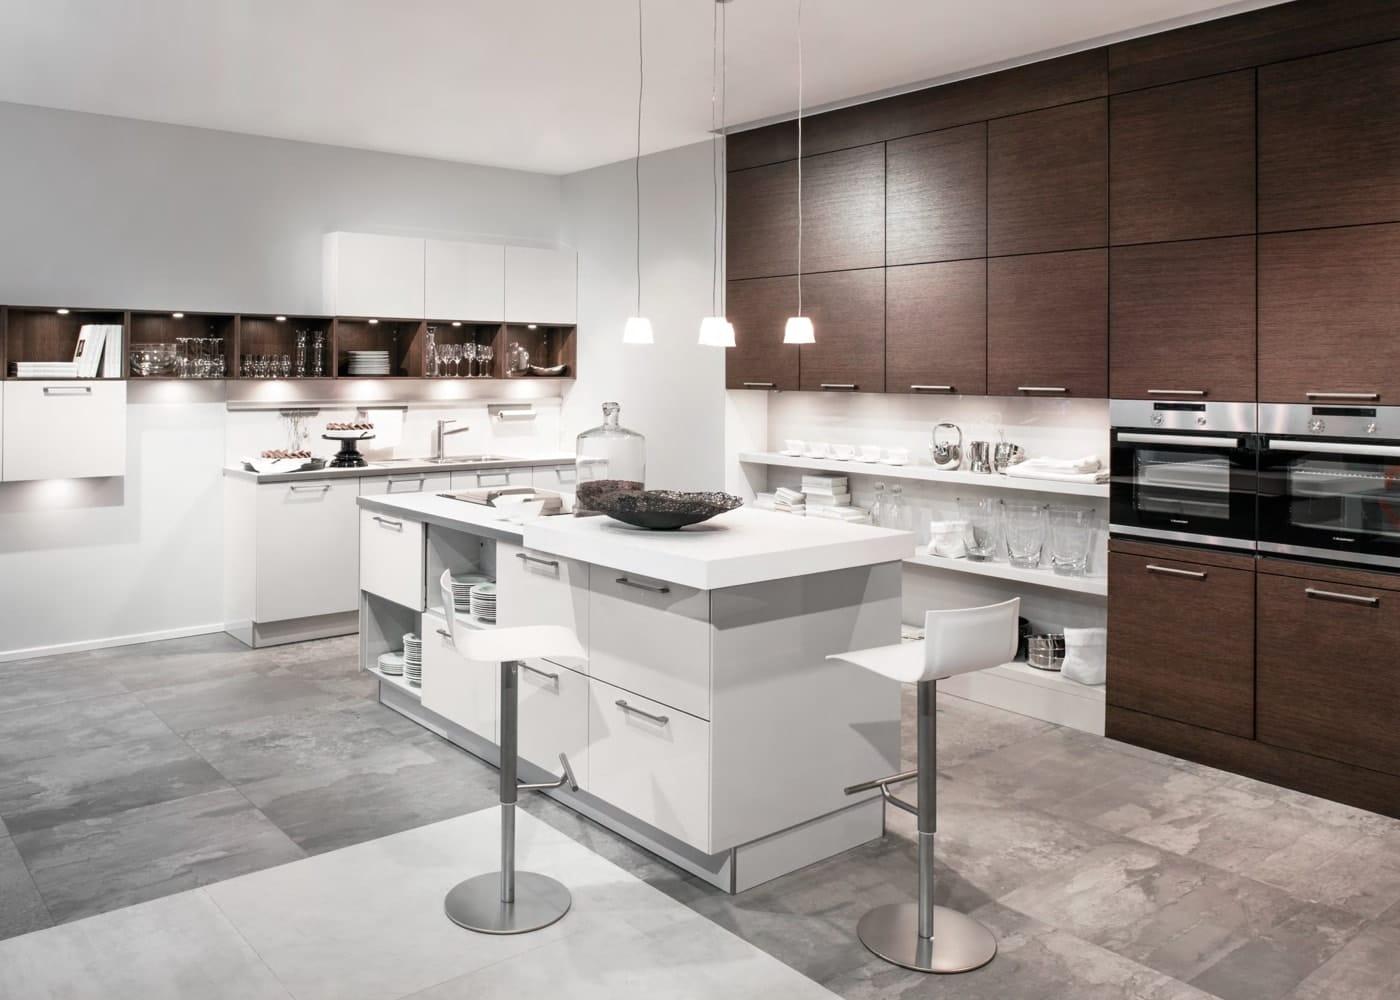 Niedlich Schaffen Küchen Und Bäder Fotos - Küchenschrank Ideen ...